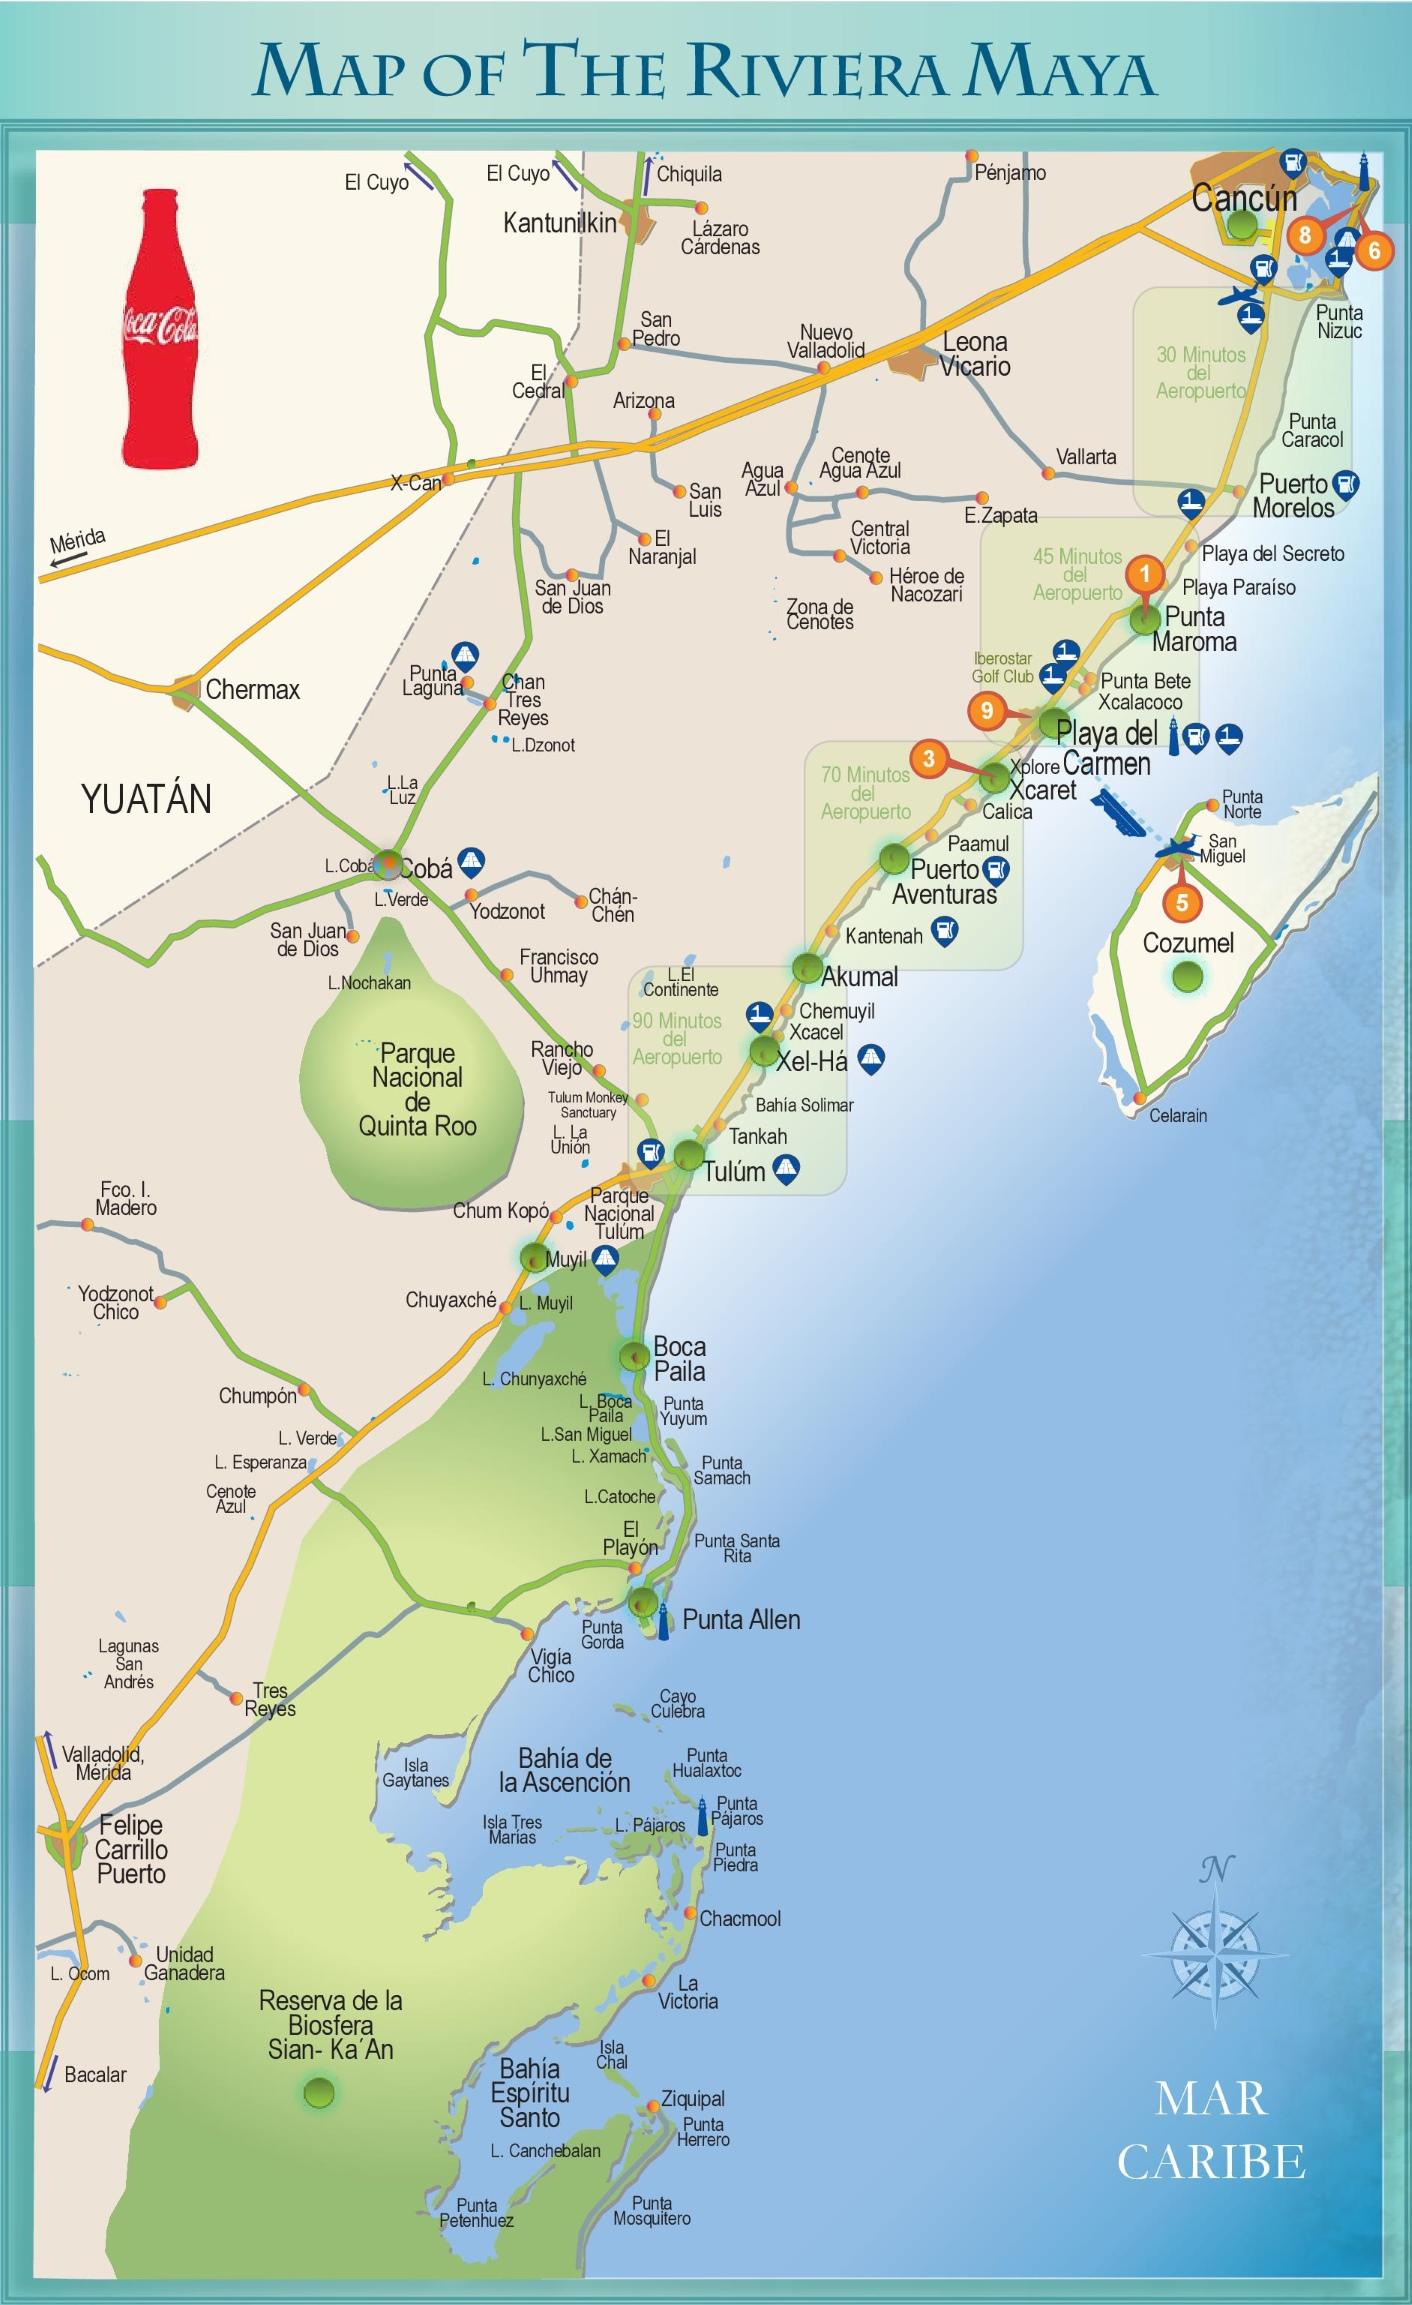 Riviera Maya Map Riviera Maya tourist attractions map Riviera Maya Map